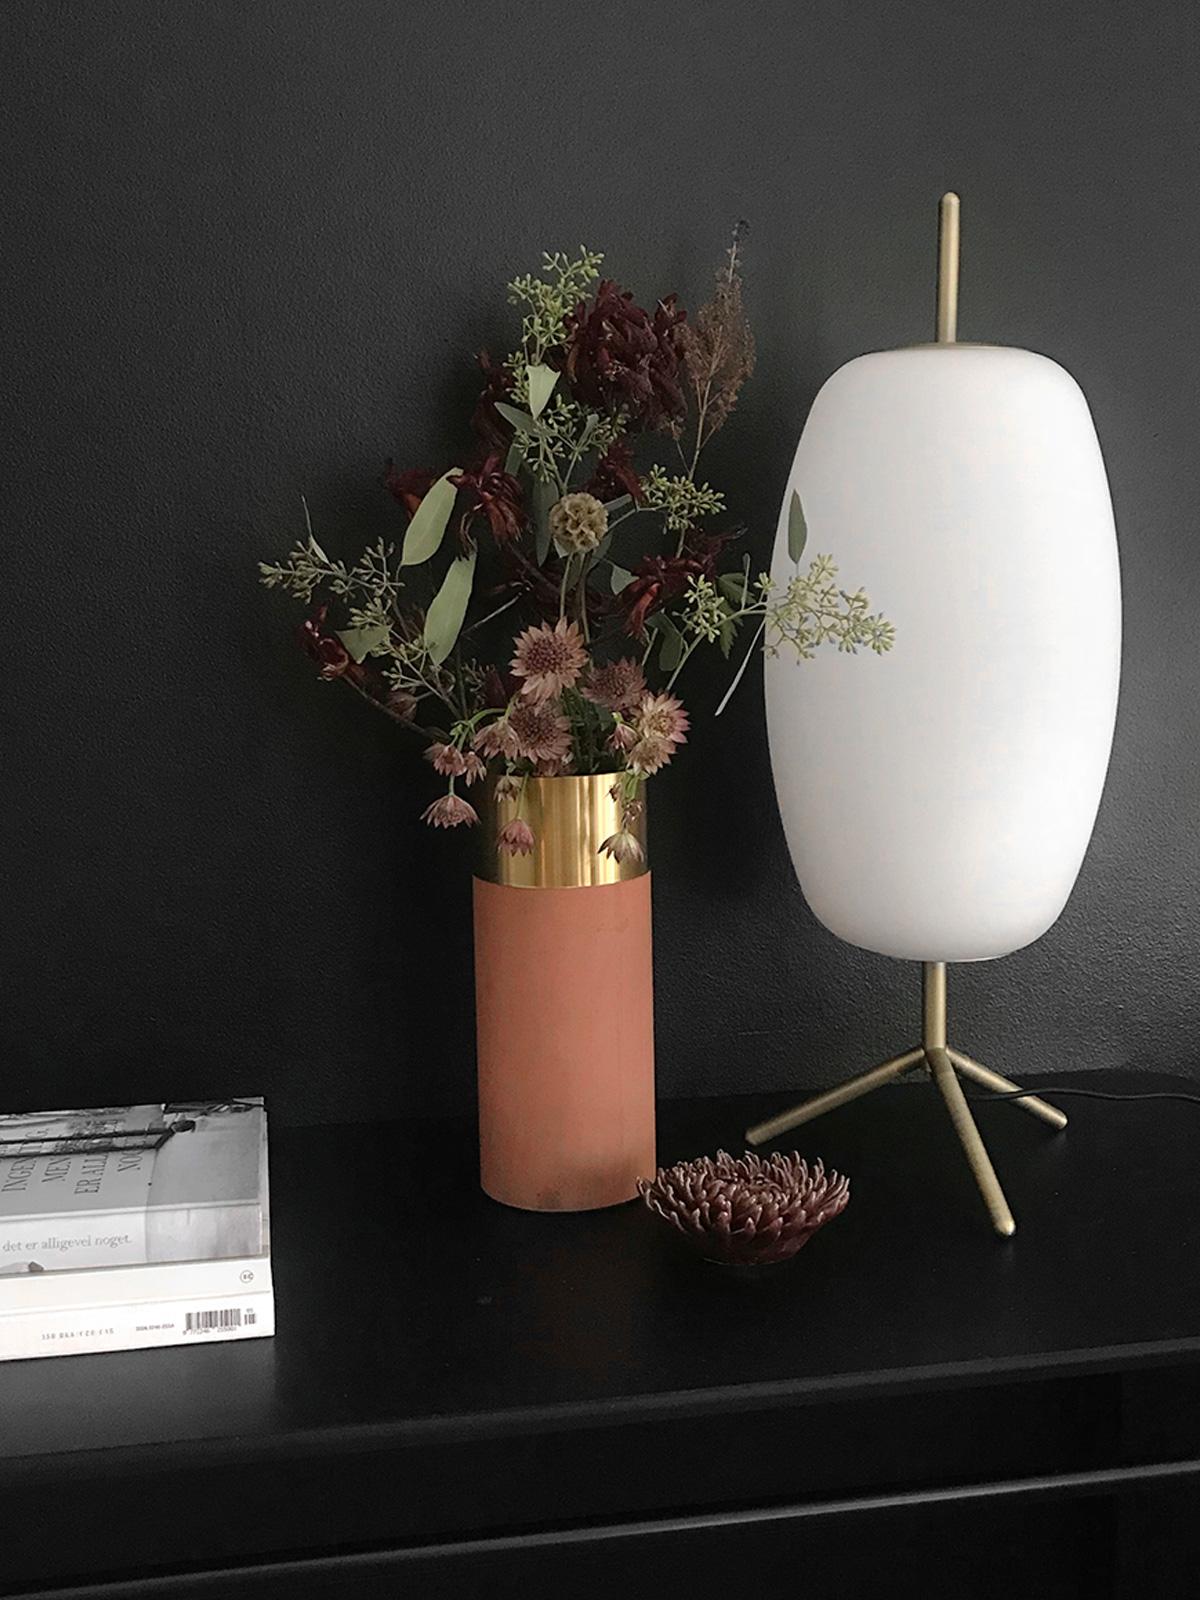 Frandsen Silk Tischleuchte opakes Weissglas